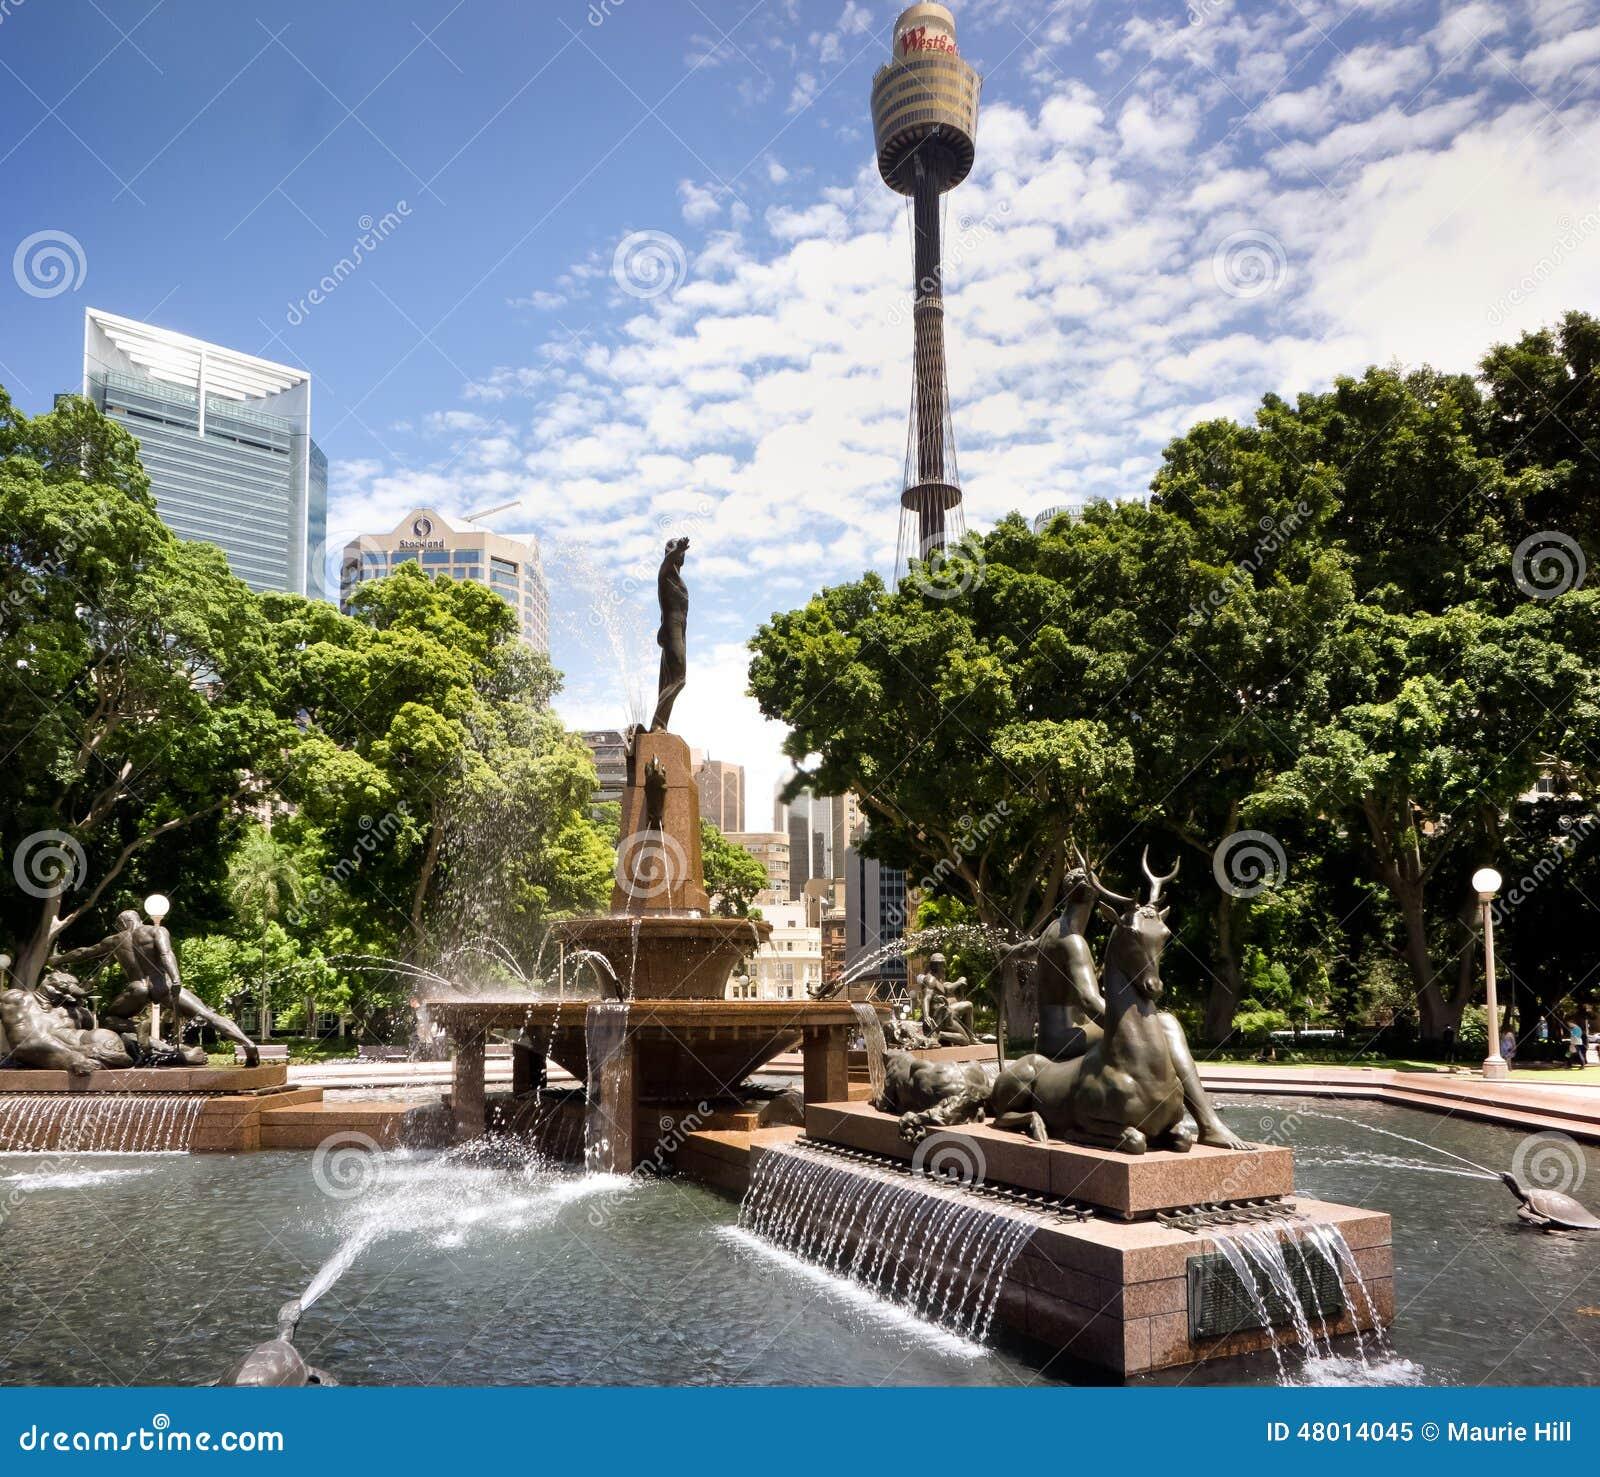 Water fountains hyde park - Hyde Park Sydney Archibald Fountain Sydney Australia Royalty Free Stock Photo